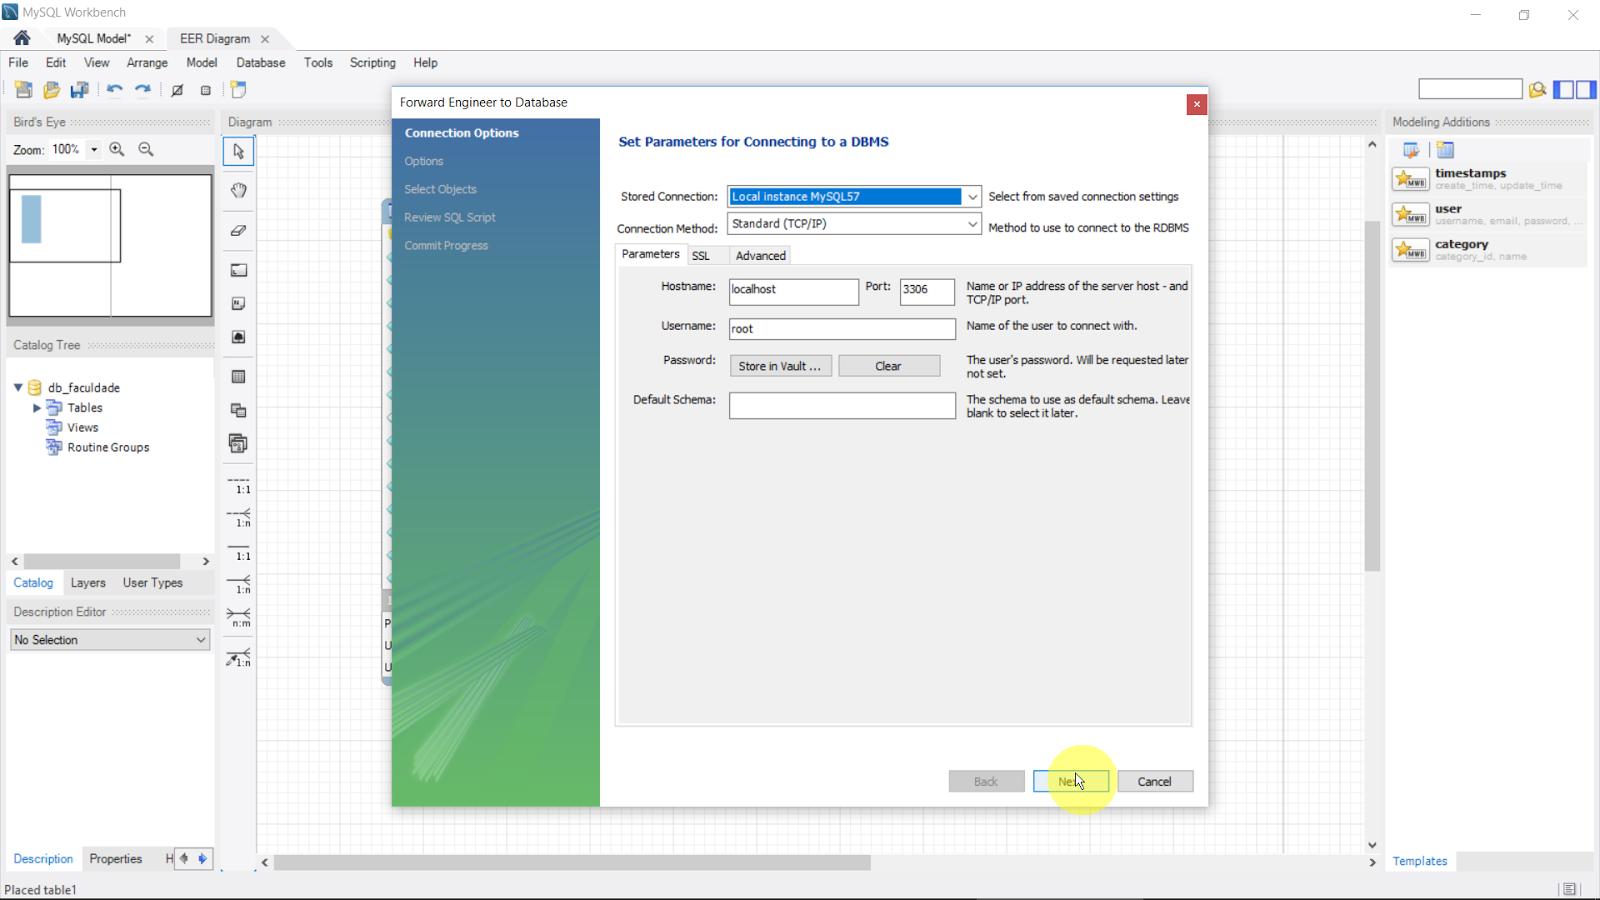 Usando mysql workbench modo design model 1 parte 17 ir aparecer a janela set parameters for connecting to a dbms selecione a opo local instance mysql57 se for conectar o banco de dados local com o ccuart Images